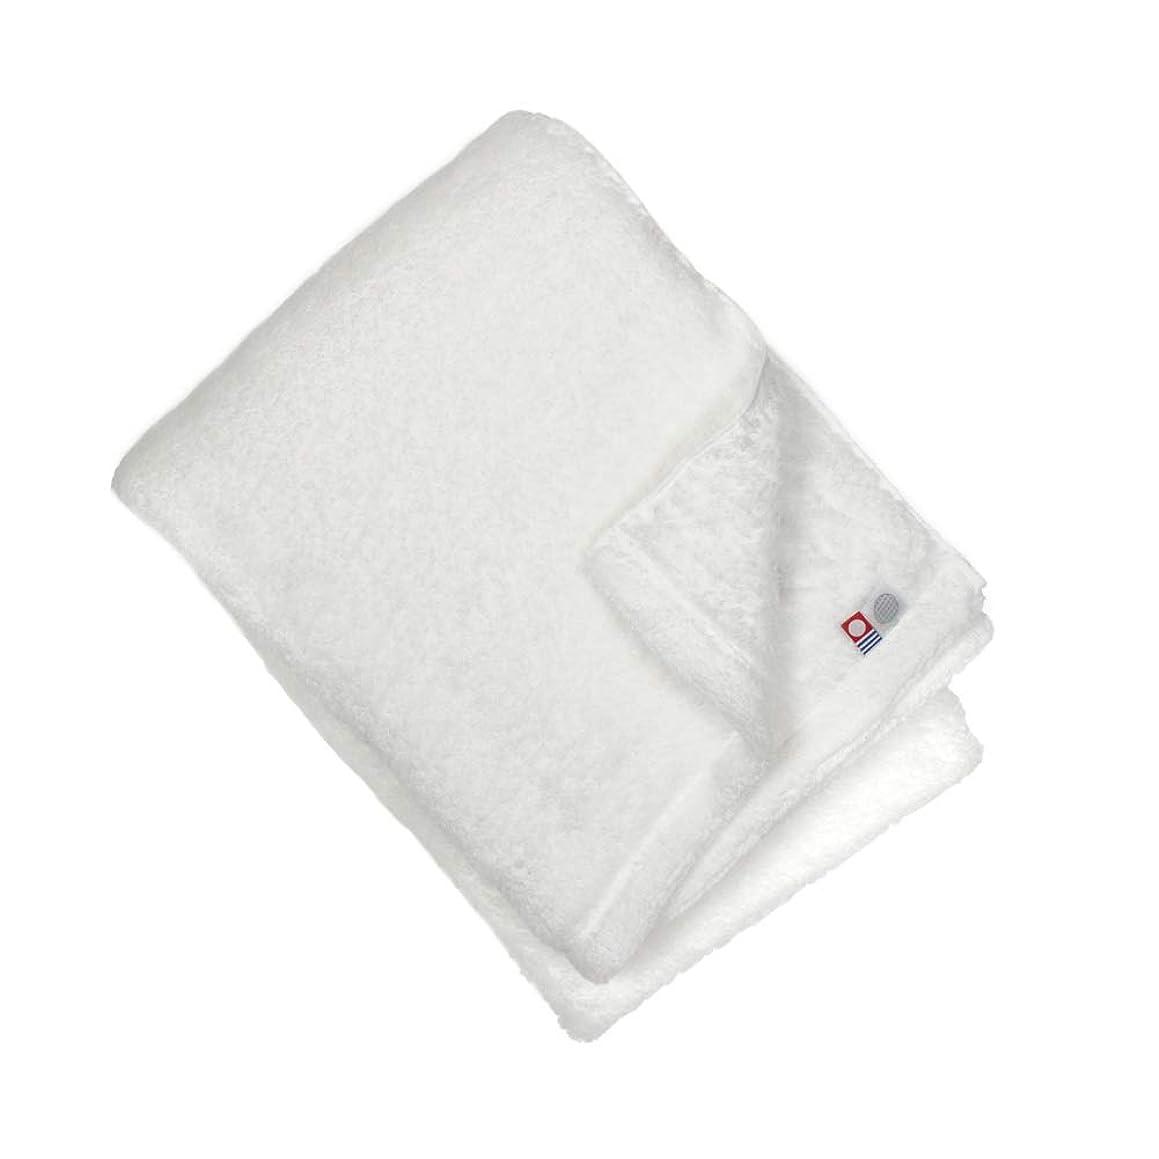 なかなか導出ライブ伊織 今治タオル yume -the soft towel- (バスタオル, ホワイト)